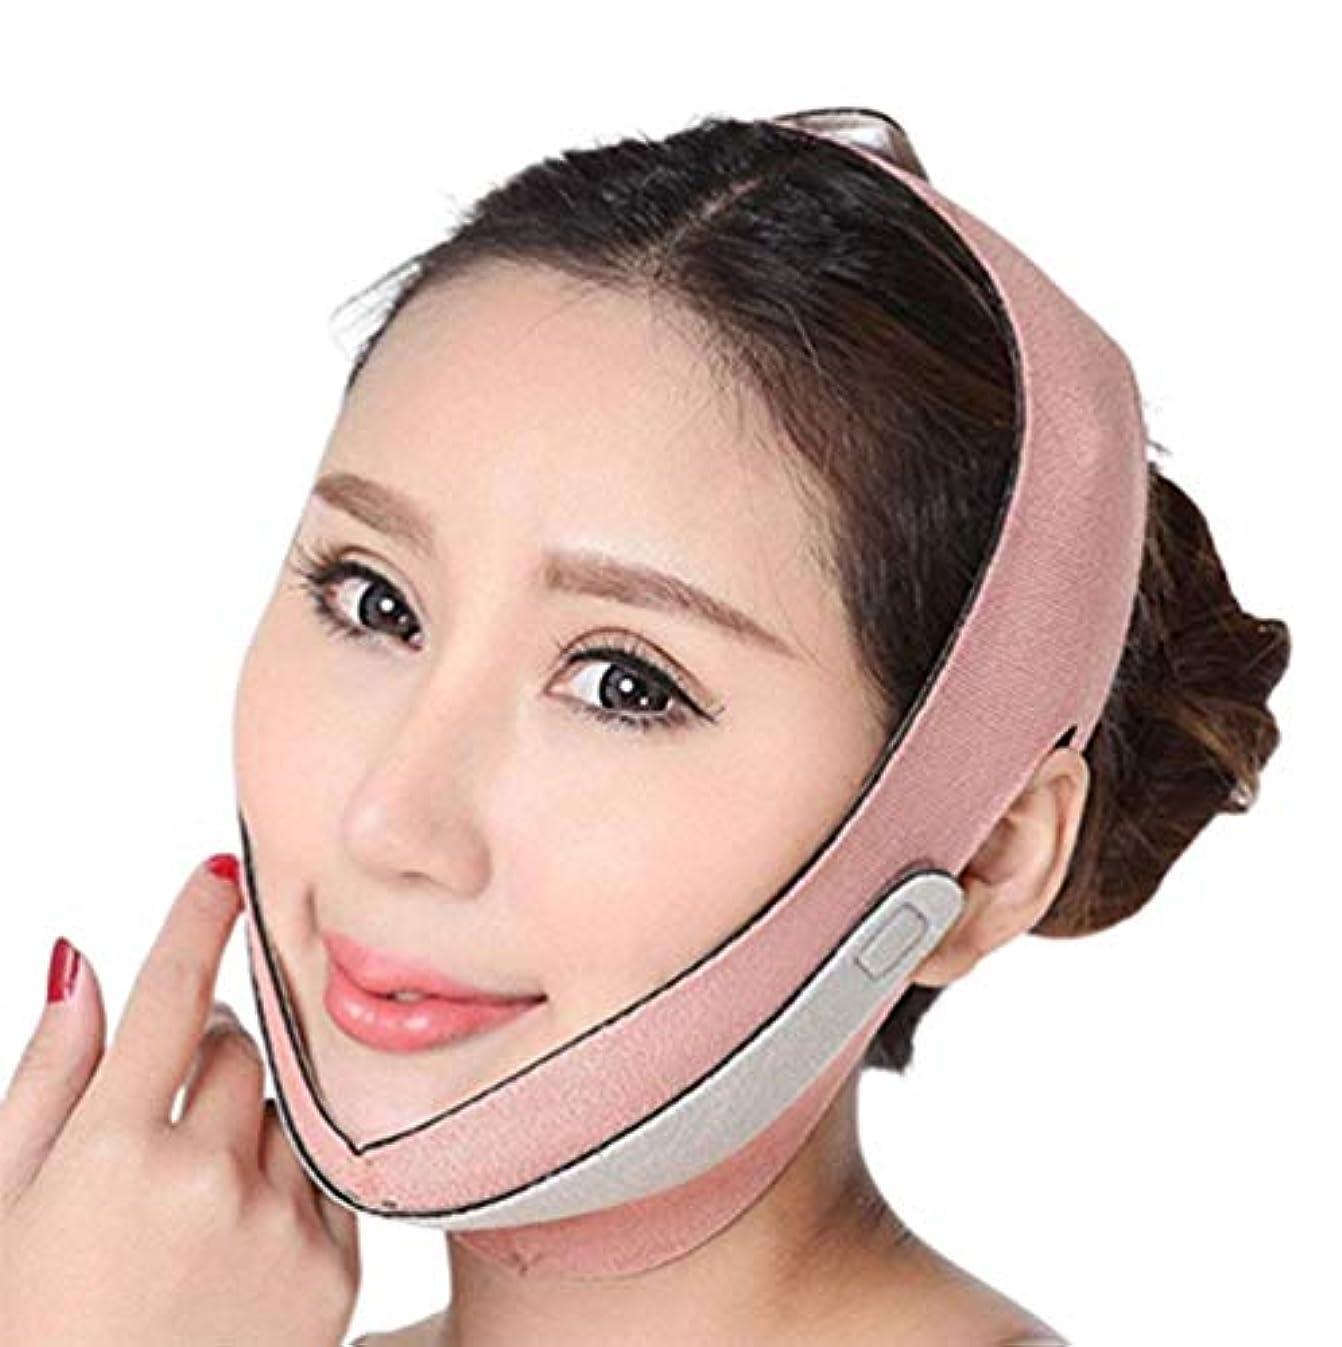 折高潔な銀ダブルチンストラップ、フェイススリミングマスクVフェイスベルトフェイスリフトバンデージリフトチンチンチークネックコンプレッションスリムスリミングバンデージ通気性Vラインマスク